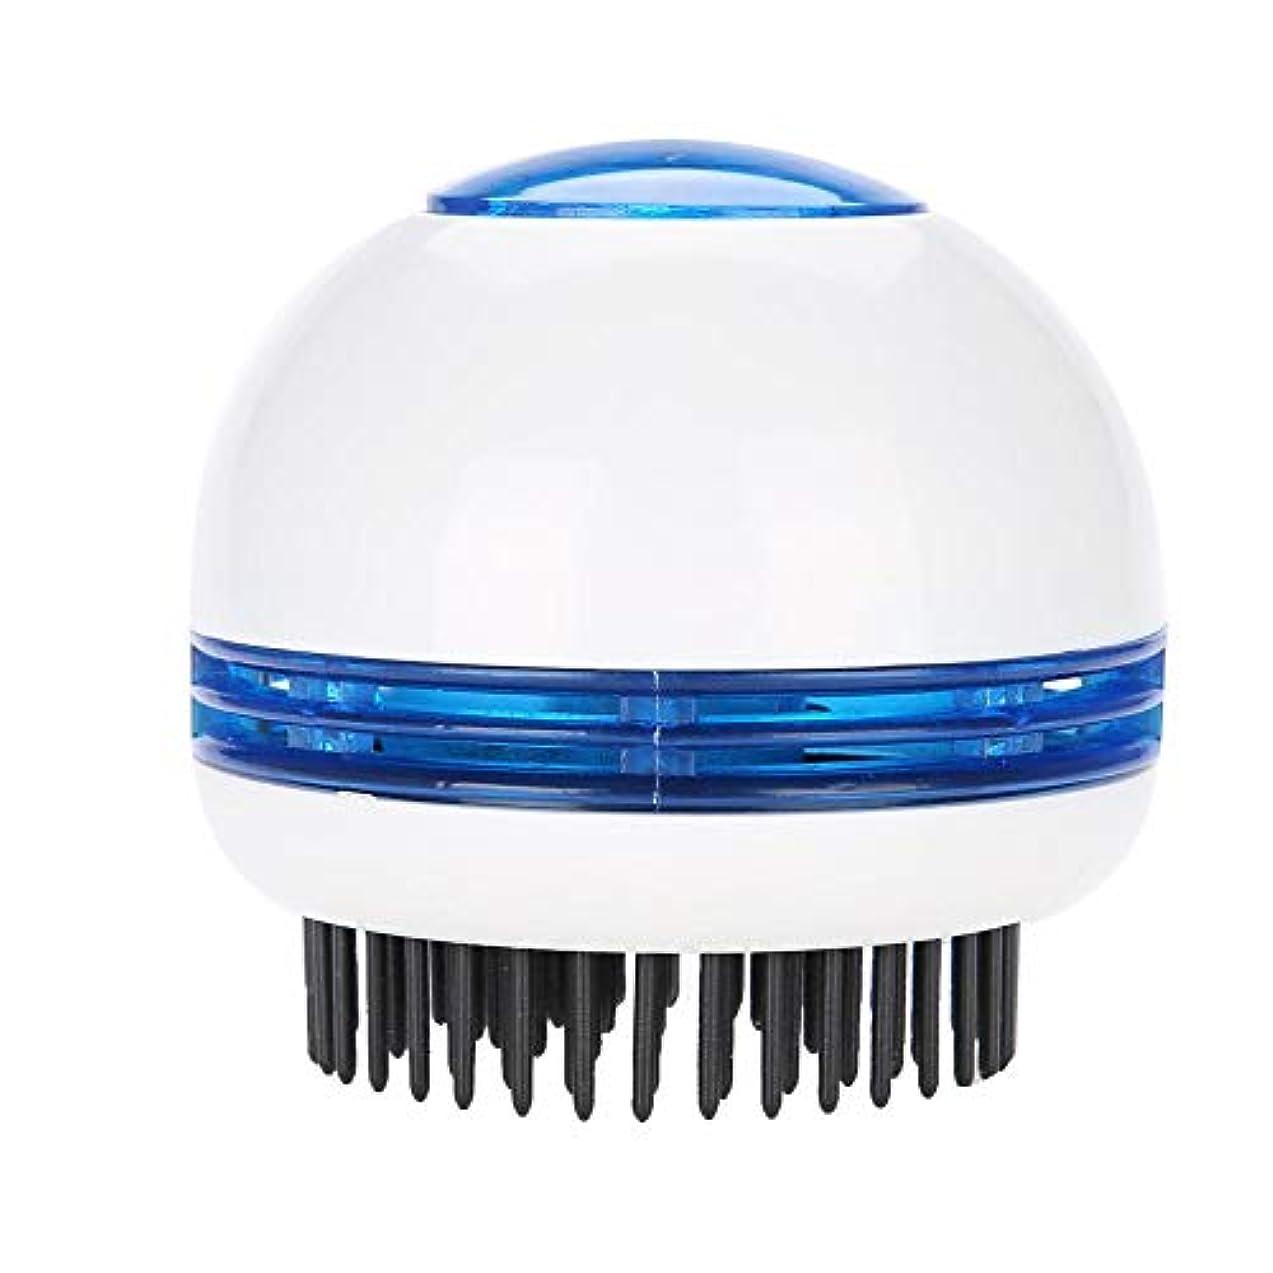 回復羨望制限TOPINCN 電気 マッサージブラシ ヘッドマッサージャー 帯電防止 頭皮のリラクゼーション ストレス緩和 ヘアスクラバーブラシ